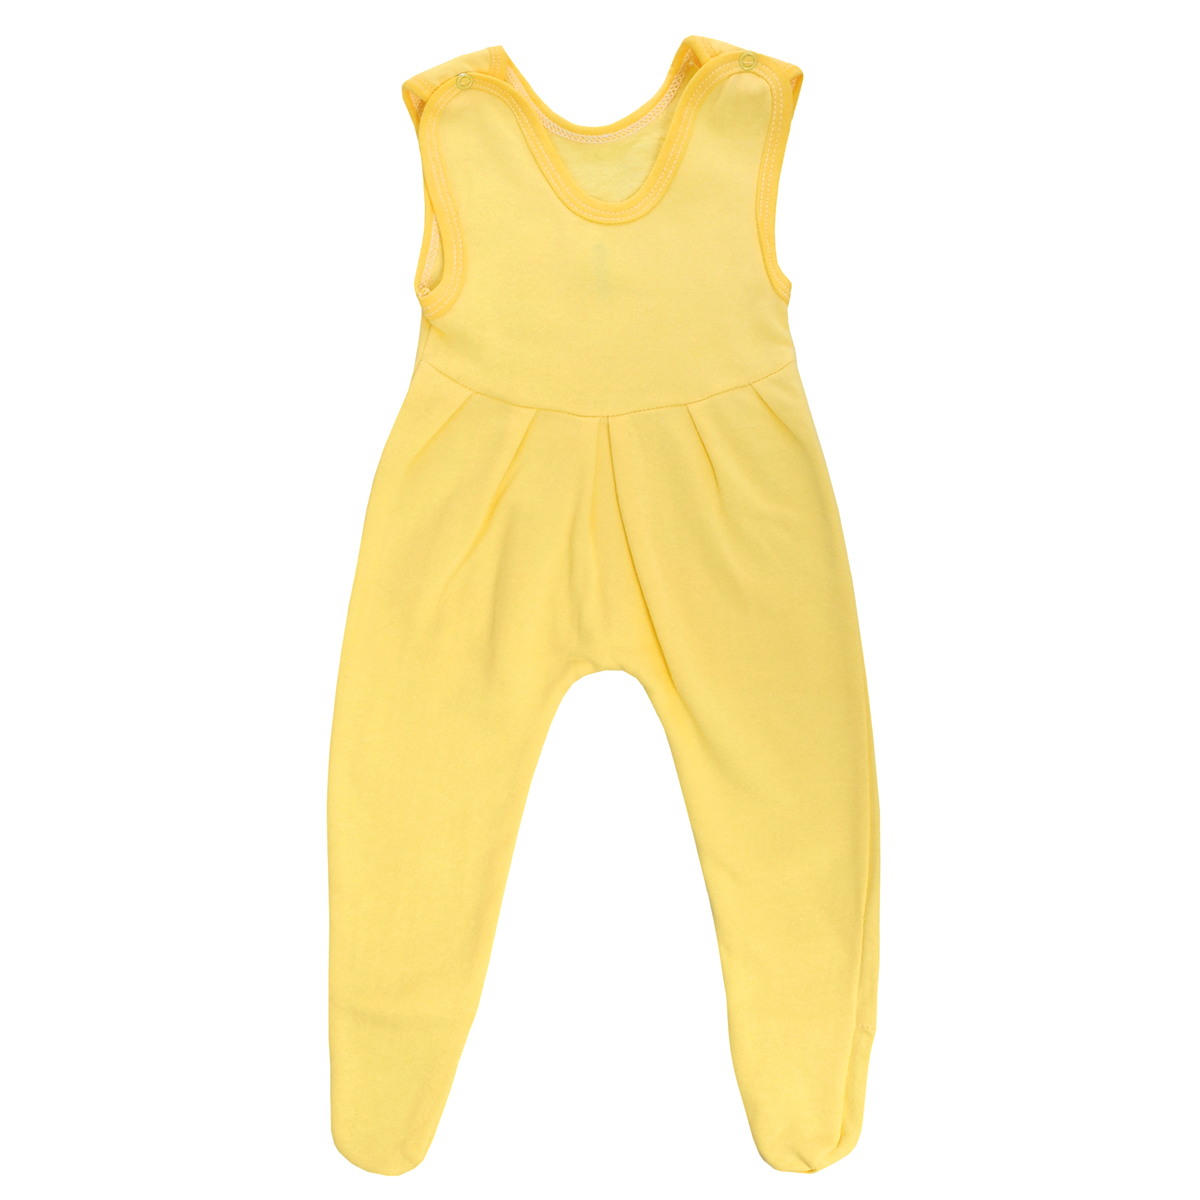 Ползунки с грудкой Трон-плюс, цвет: желтый. 5221. Размер 68, 6 месяцев5221Ползунки с грудкой Трон-плюс - очень удобный и практичный вид одежды для малышей. Ползунки выполнены из футера - натурального хлопка, благодаря чему они необычайно мягкие, тепленькие и приятные на ощупь, не раздражают нежную кожу ребенка и хорошо вентилируются, а эластичные швы приятны телу младенца и не препятствуют его движениям. Ползунки с закрытыми ножками, застегивающиеся сверху на две кнопочки, идеально подойдут вашему ребенку, обеспечивая ему наибольший комфорт, подходят для ношения с подгузником и без него. От линии груди заложены складочки, придающие изделию оригинальность.Ползунки с грудкой полностью соответствуют особенностям жизни младенца в ранний период, не стесняя и не ограничивая его в движениях!